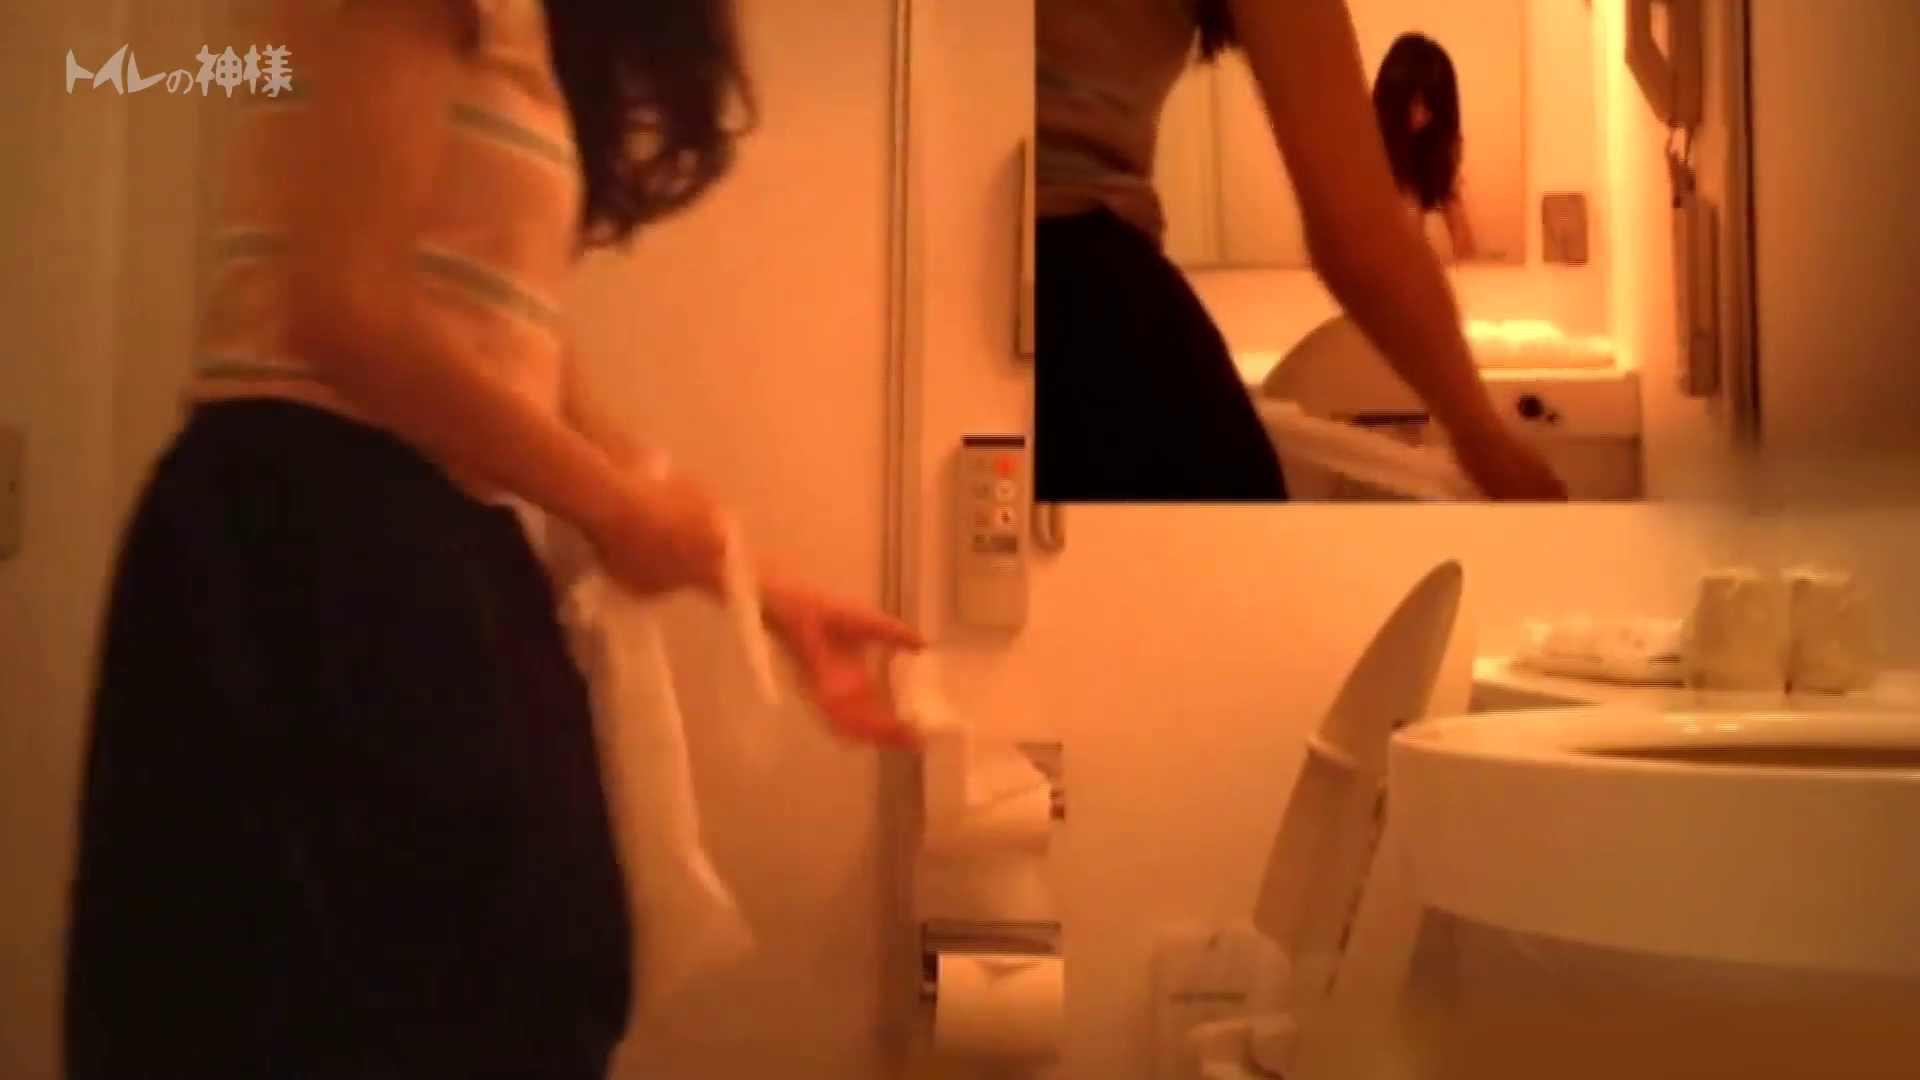 Vol.04 女子大生のトイレ恥態 洗面所のぞき すけべAV動画紹介 92枚 64